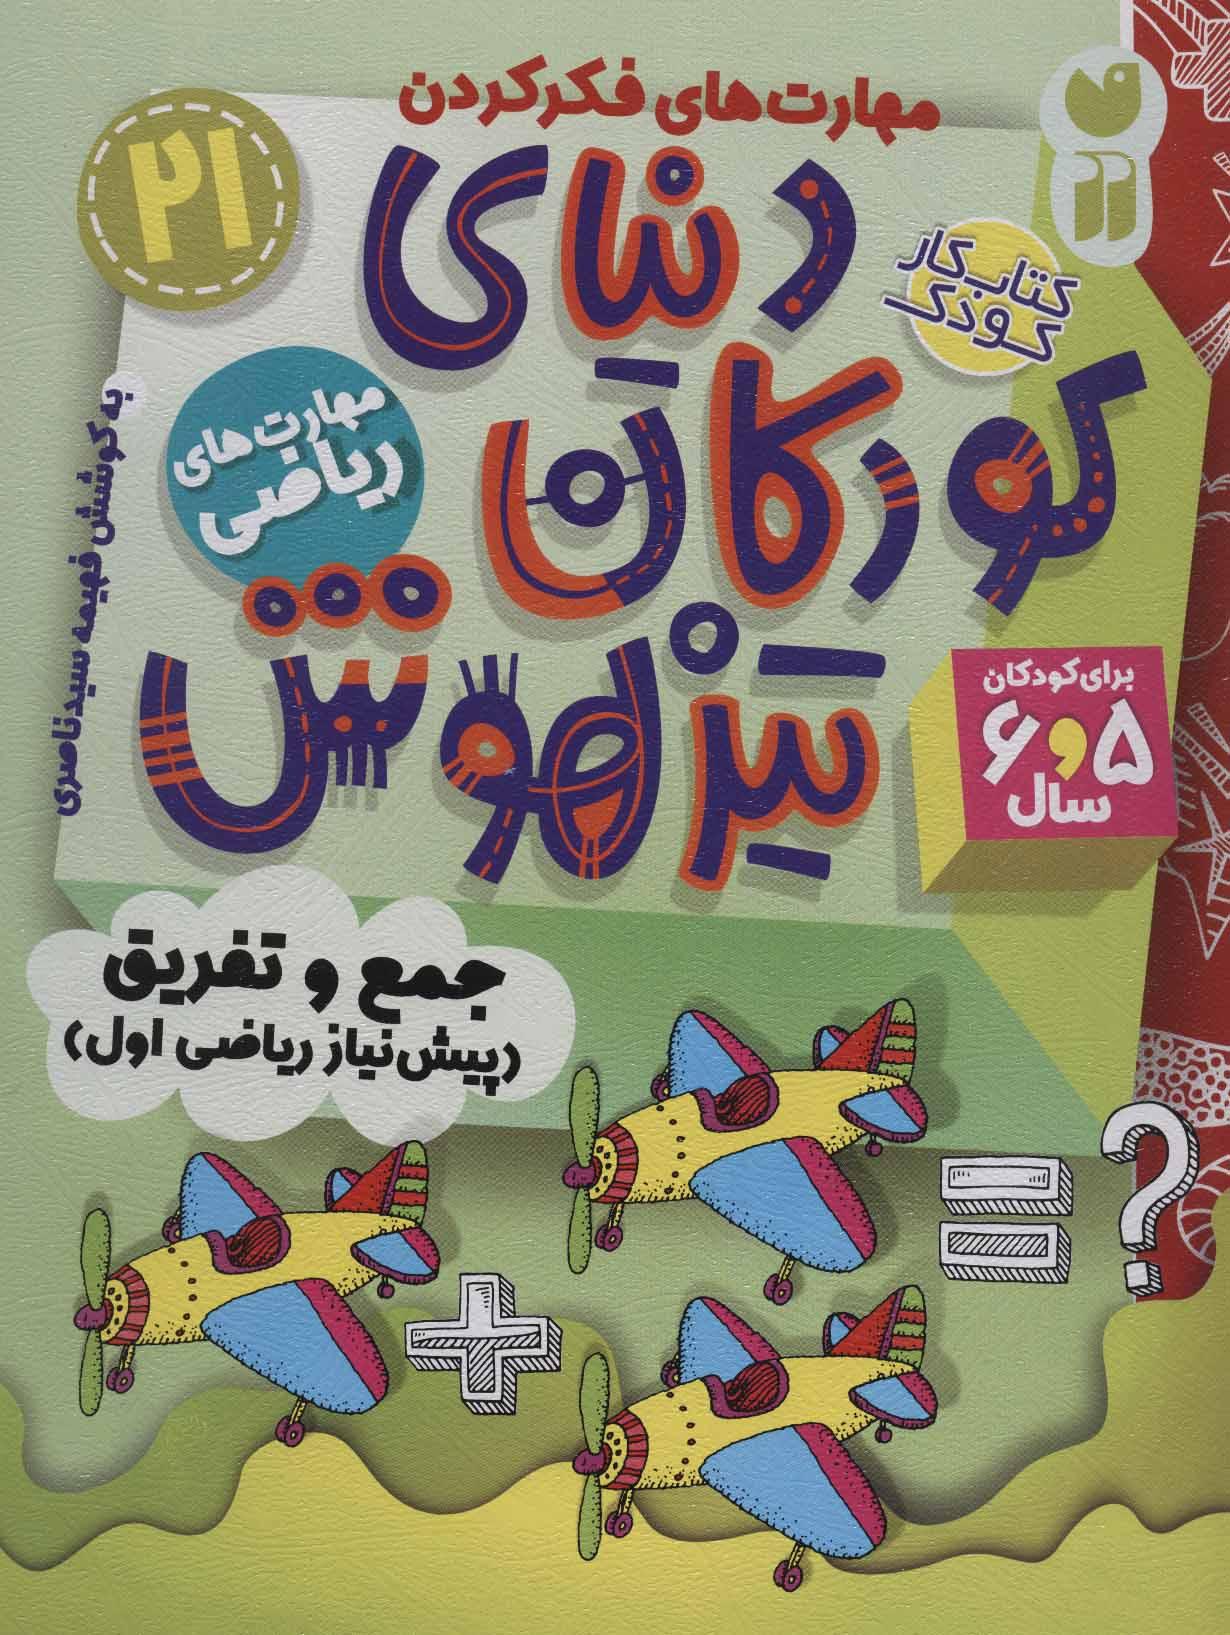 کتاب کار دنیای کودکان تیزهوش21 (مهارت های فکر کردن:جمع و تفریق (پیش نیاز ریاضی اول))